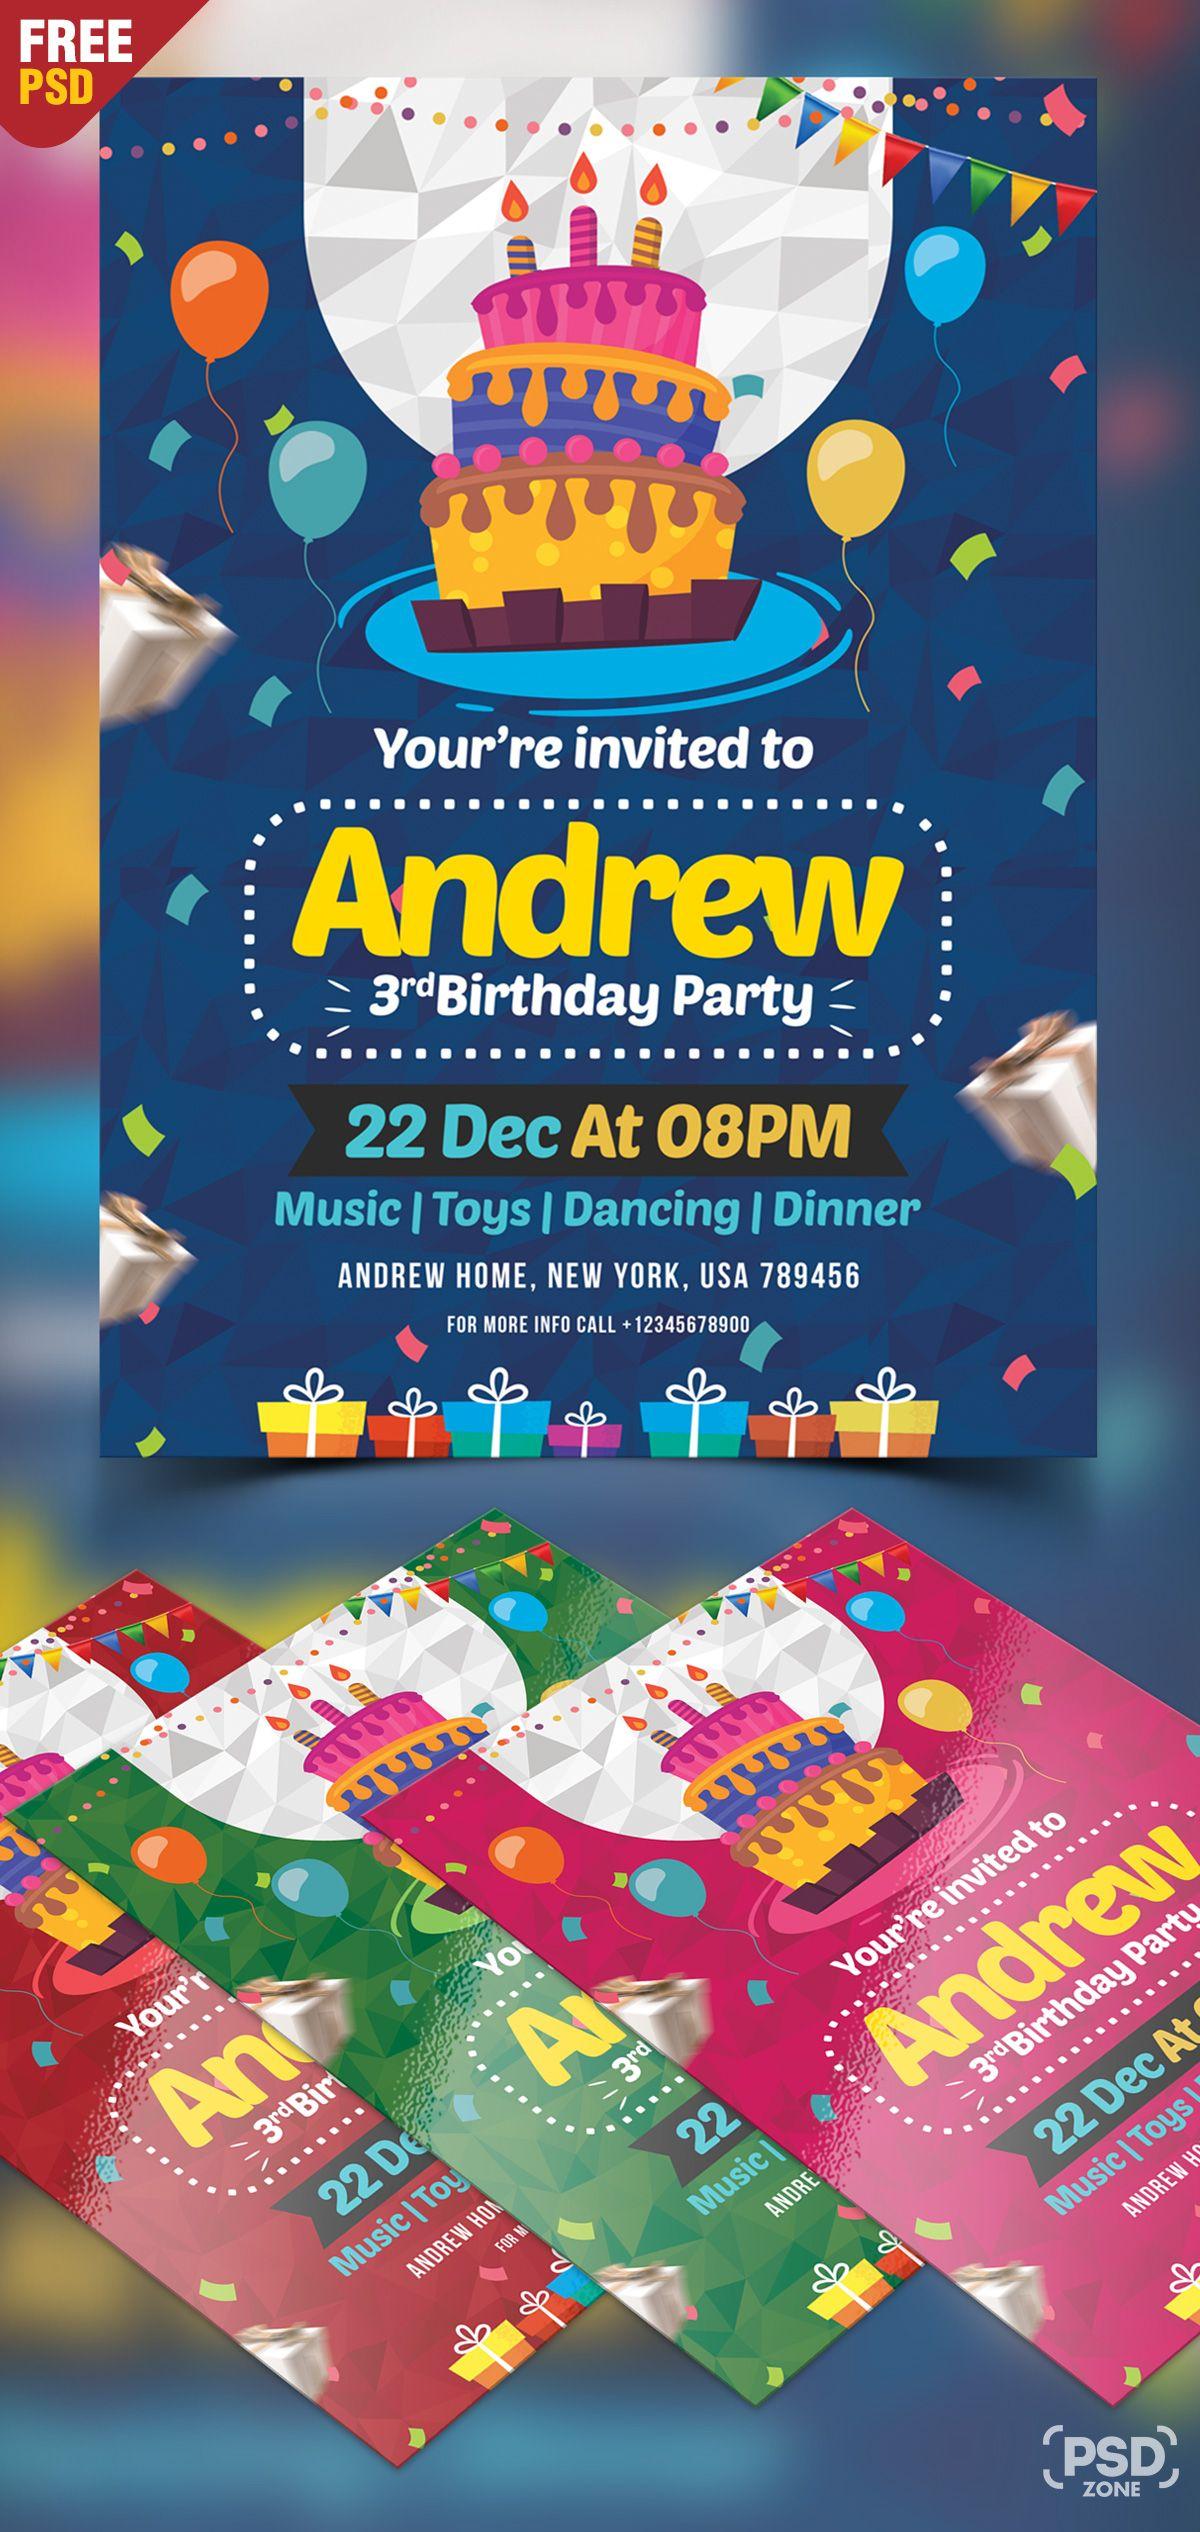 Birthday Invitation Card Design Free Psd Birthday Card Template Birthday Card Template Free Party Invite Template